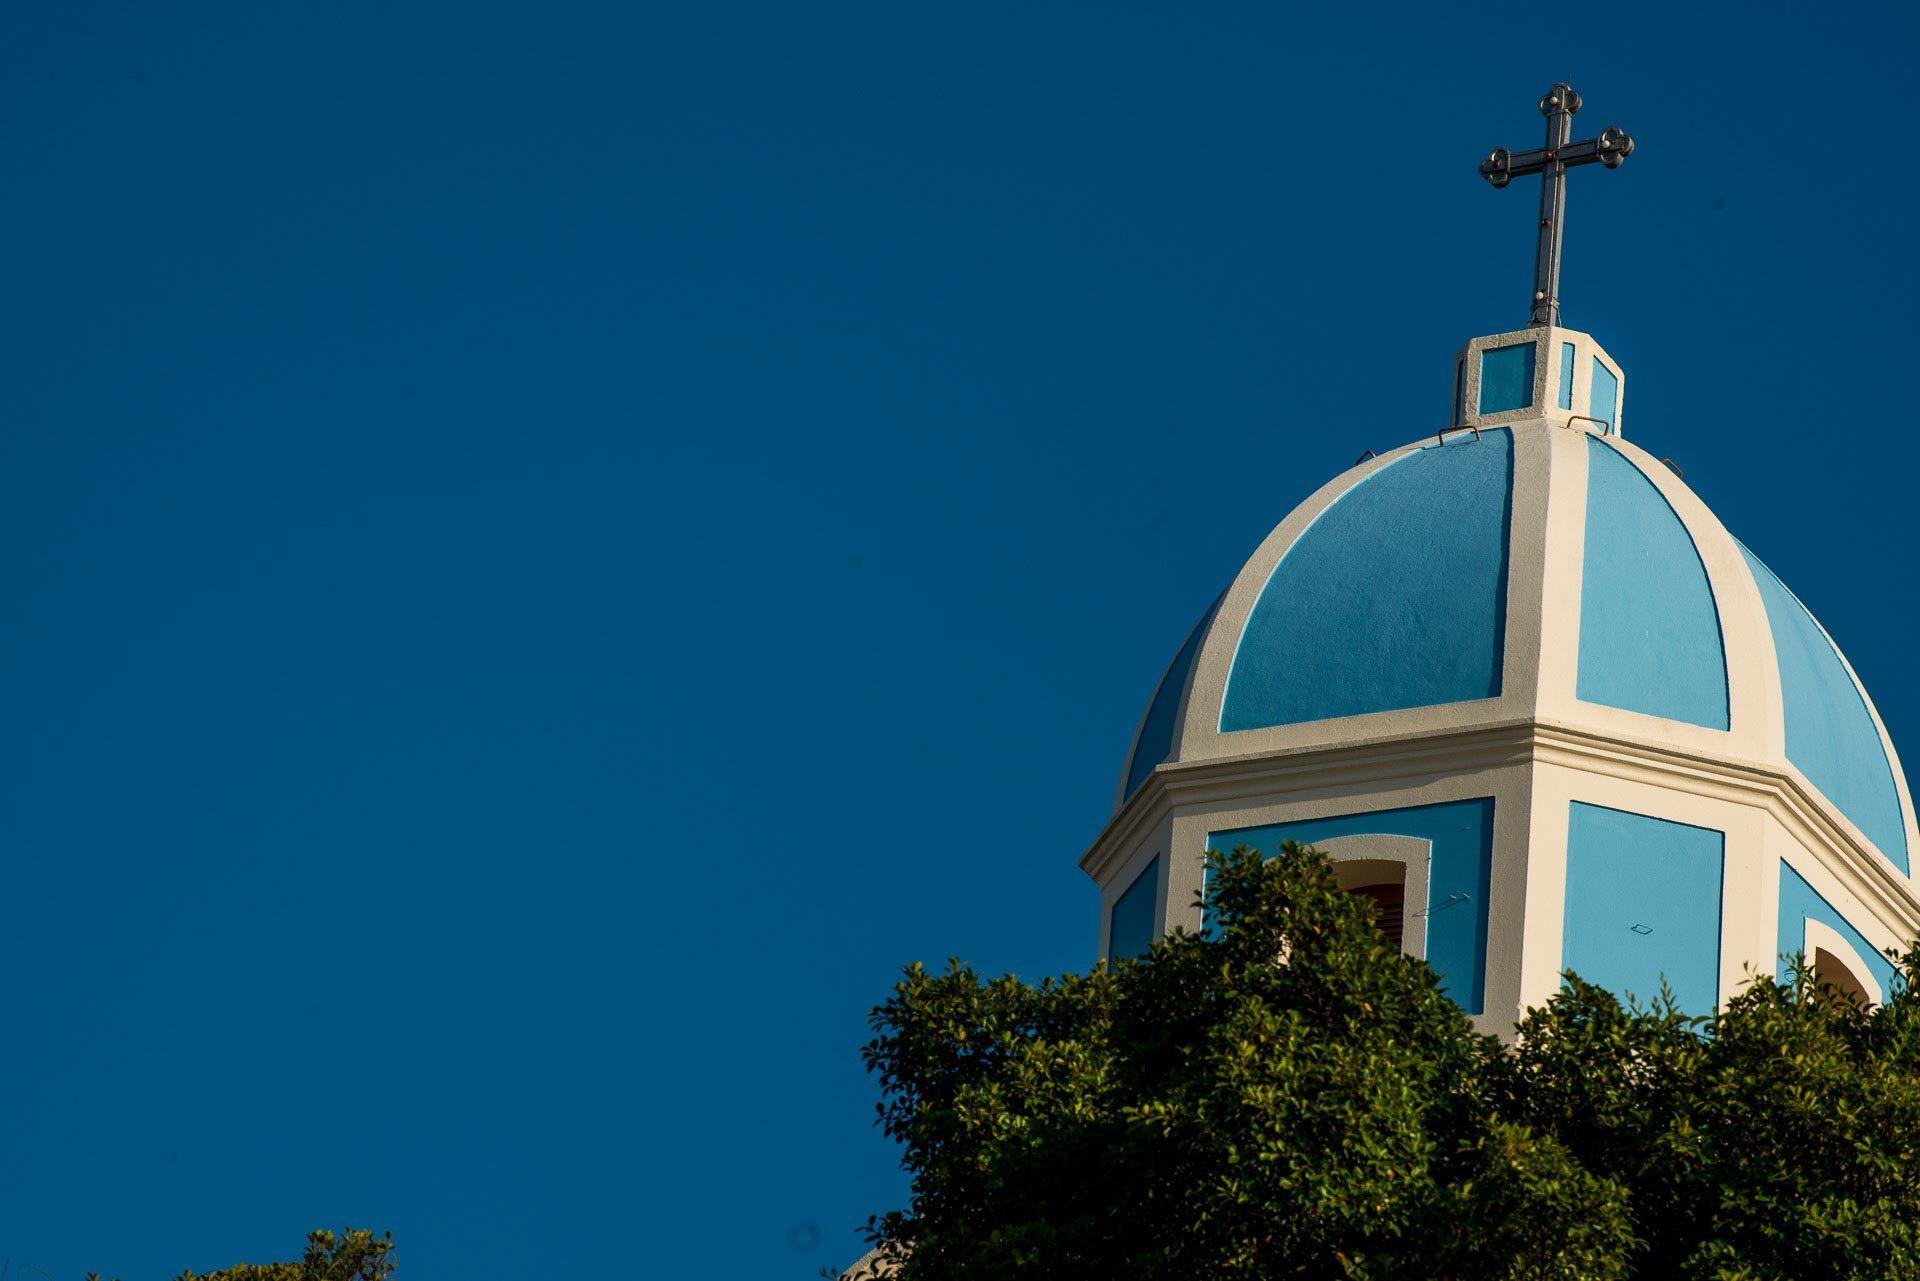 Catedral Nossa Senhora da Conceição - Santarém